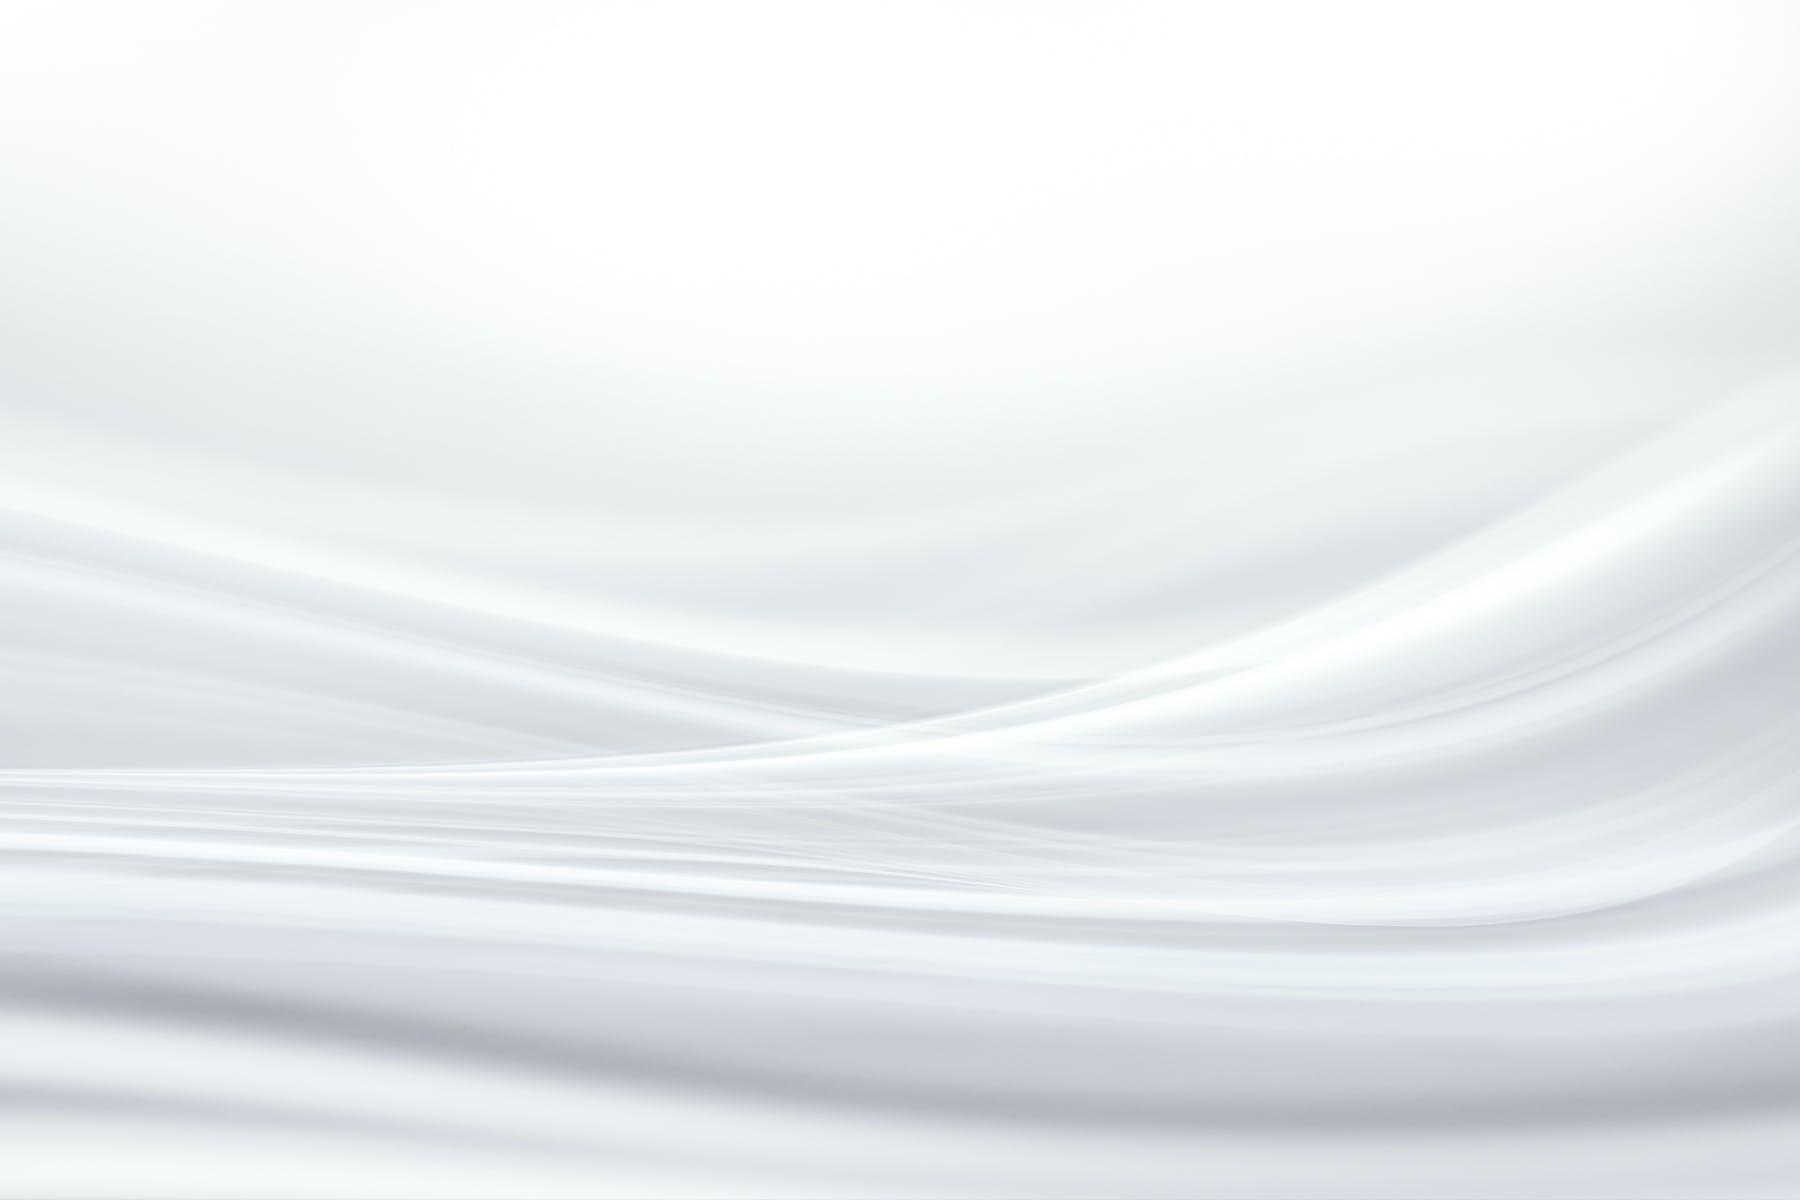 白色波浪平滑线条理高清背景图素材 abstract white background设计素材模板